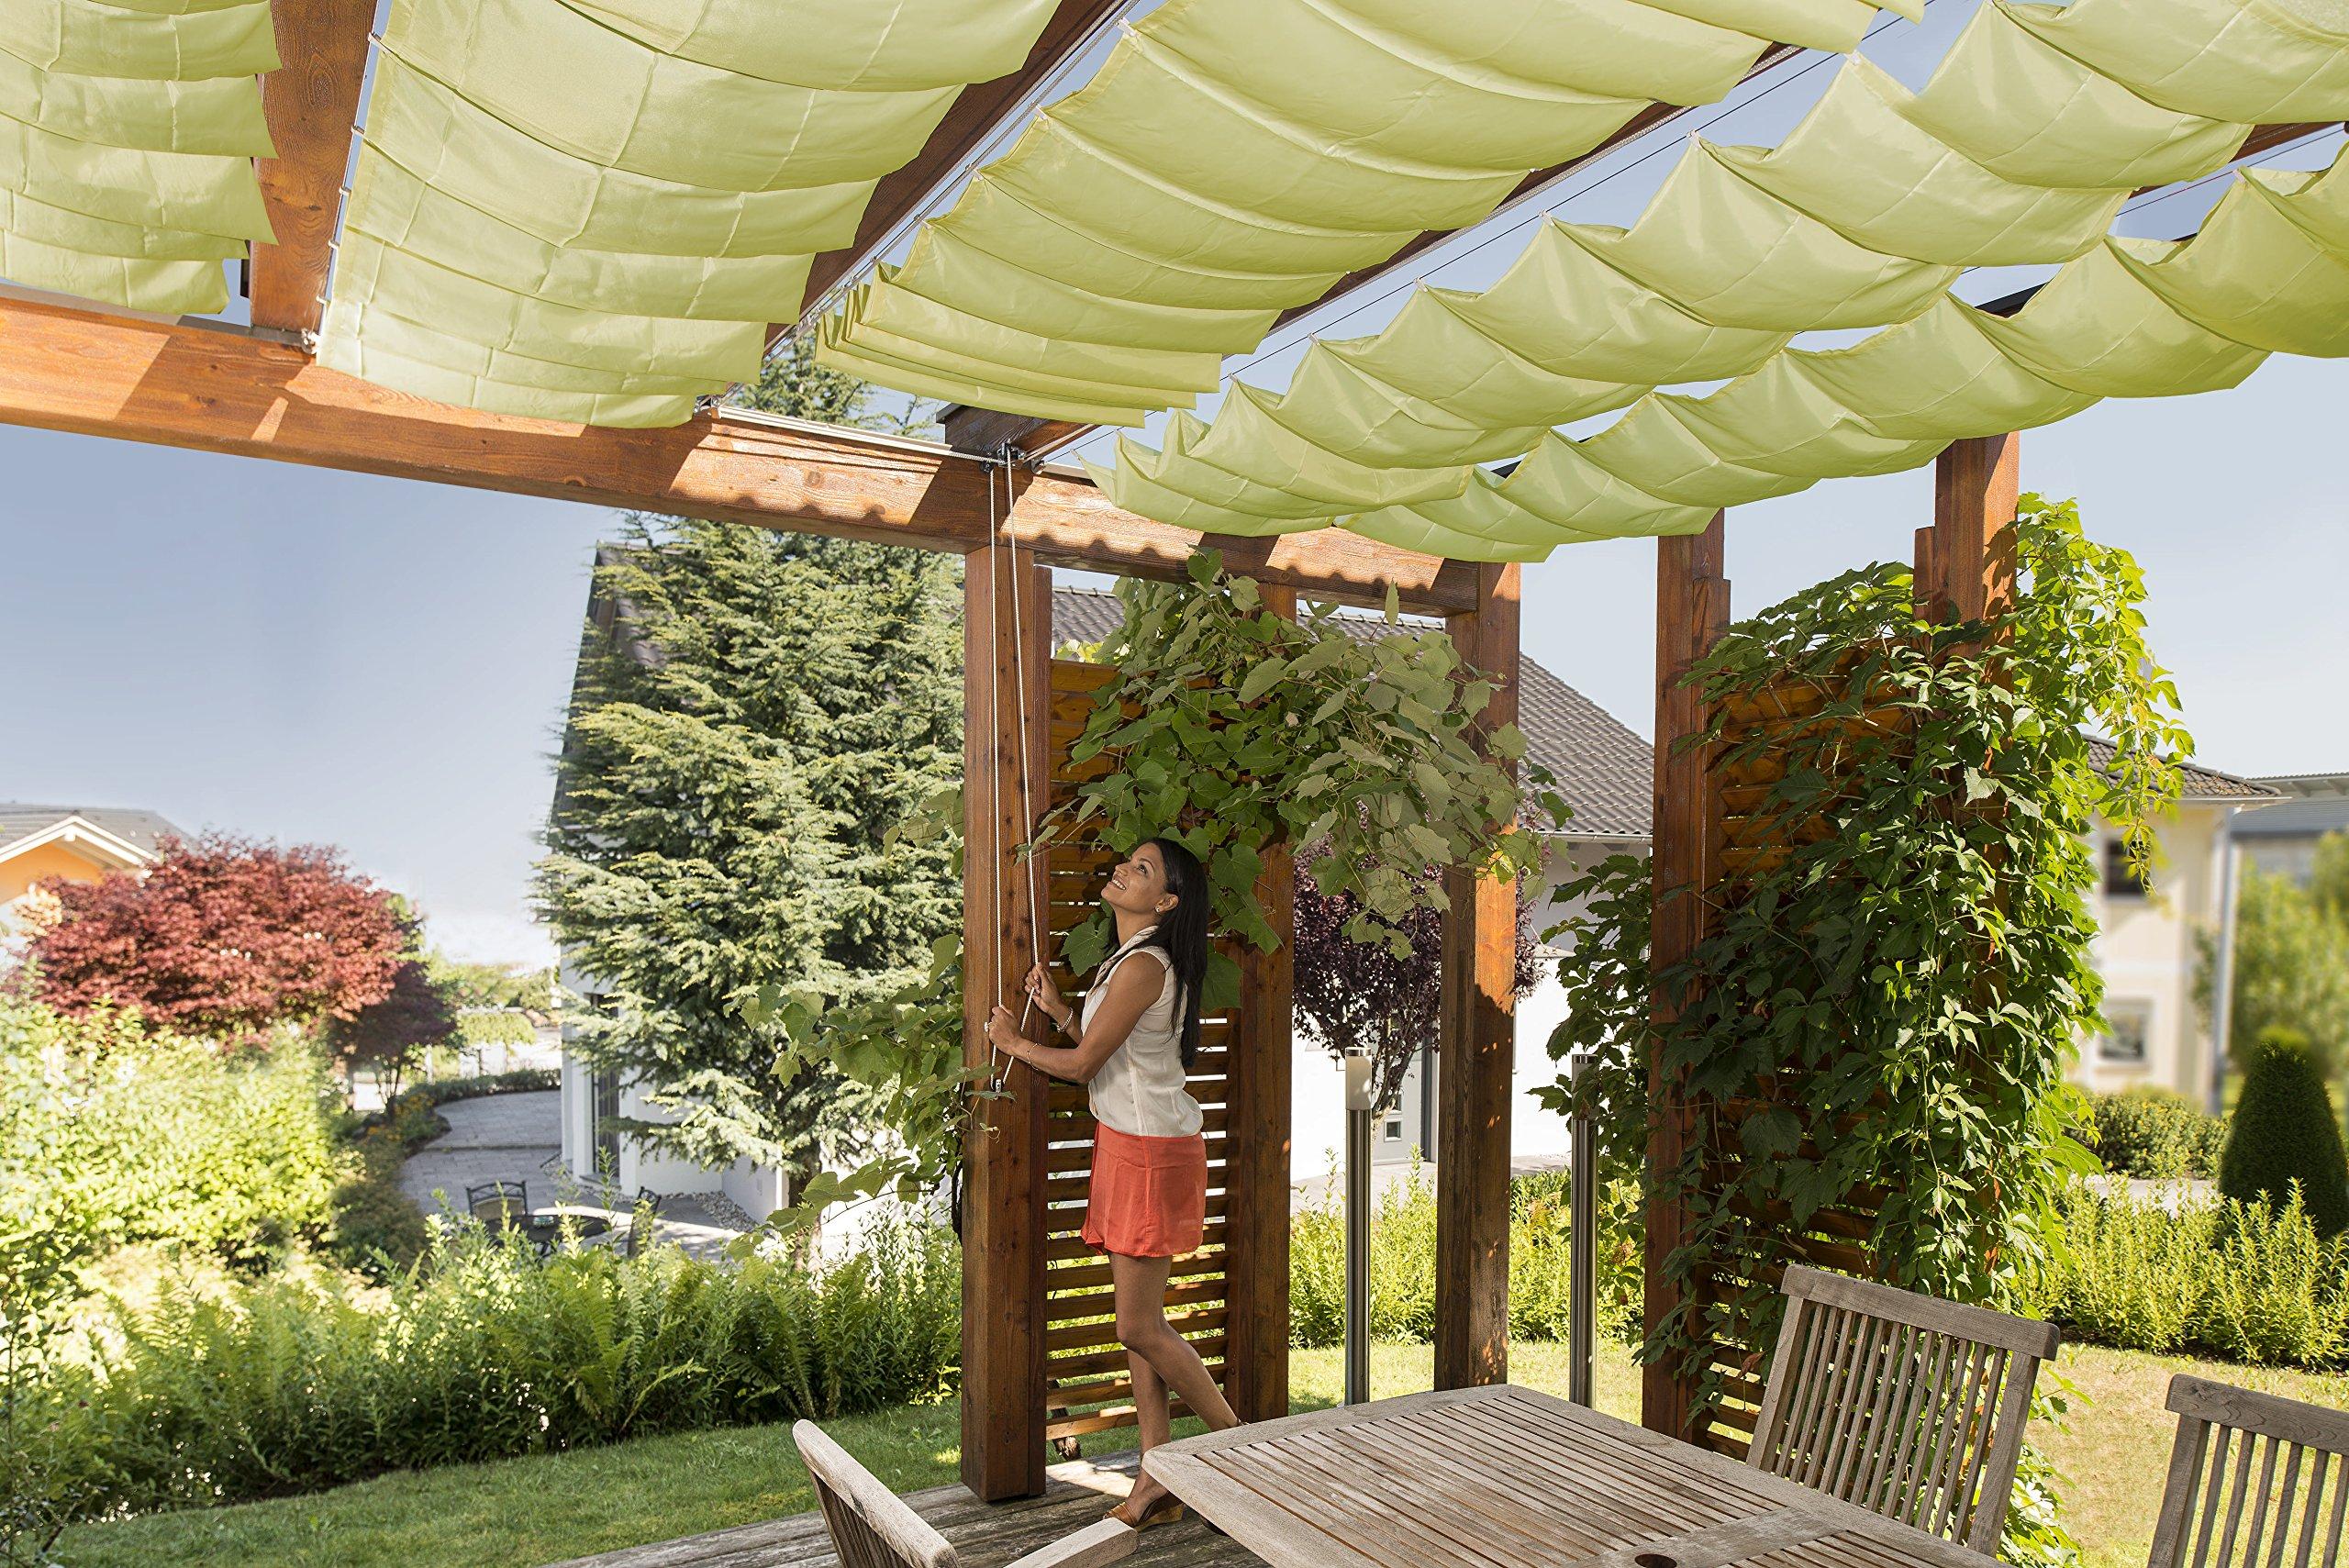 Windhager Sonnensegel für Seilspanntechnik Komplett-Set inkl. Sonnen-Segel 270 x 140 cm, ideal für Pergola oder…